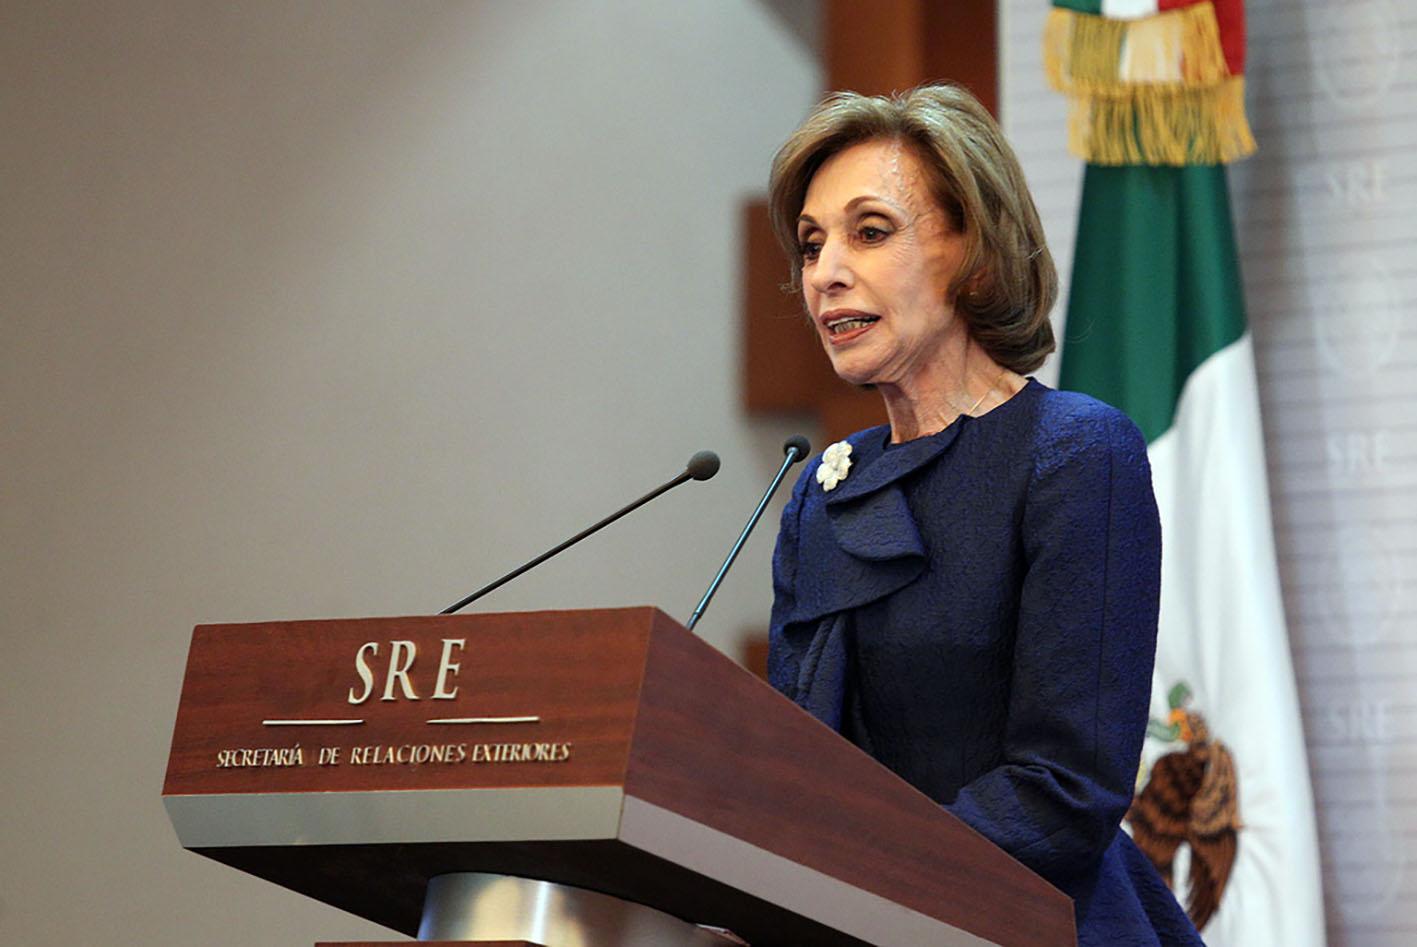 Photo of Murió Rosario Green, la primera mujer que fue titular de la Secretaria de Relaciones Exteriores de México